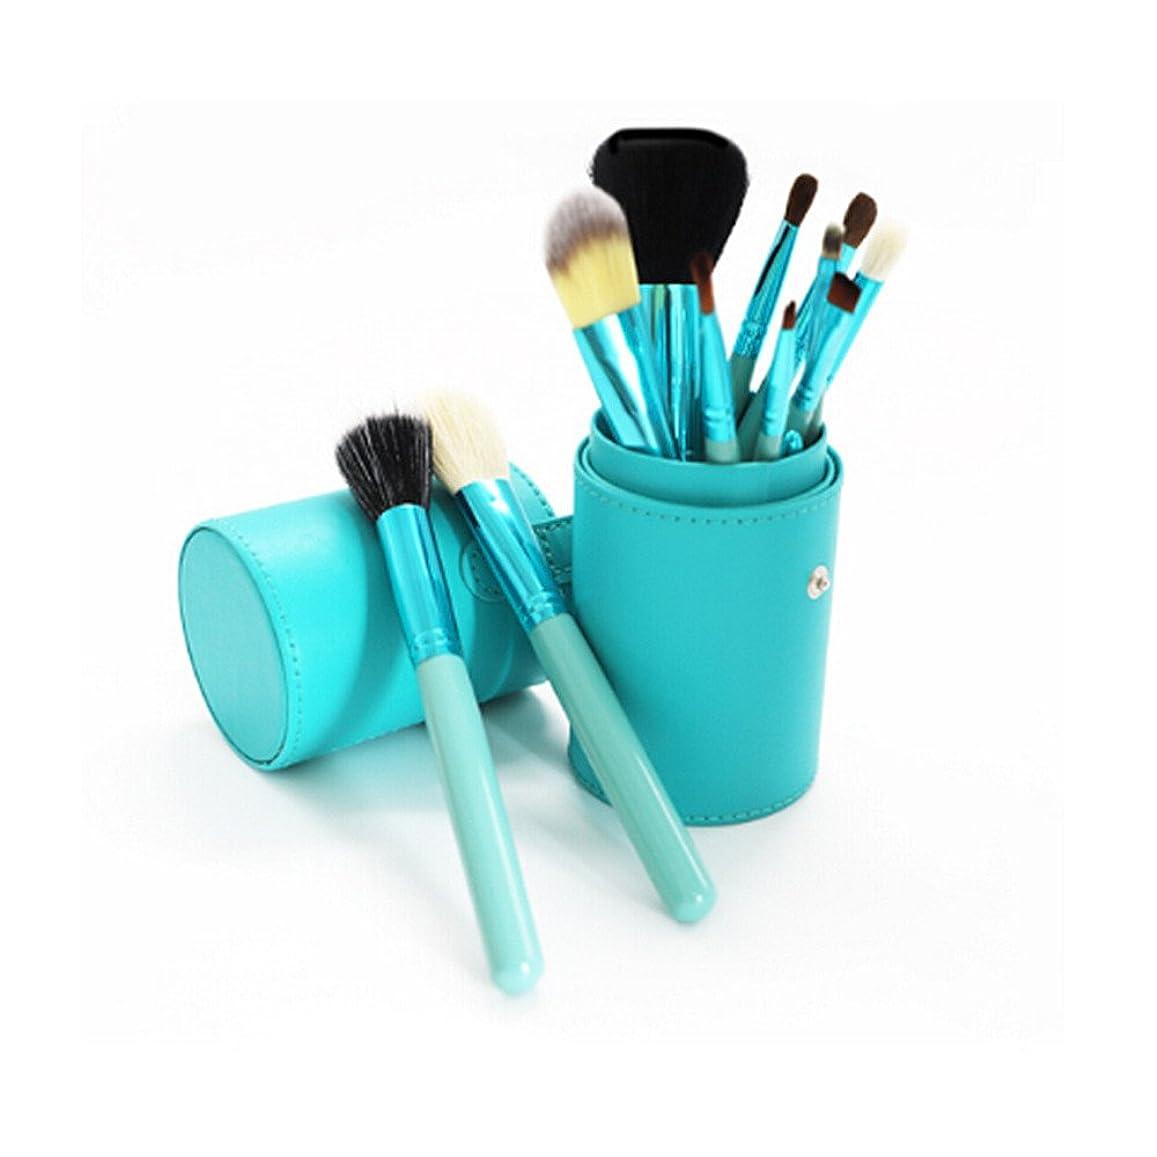 失望従順なアルネ化粧筆 ファンデーションブラシ スタイリッシュなスタイルの初心者の化粧ブラシ化粧ブラシ付きの化粧ブラシの12セットと化粧ブラシ付きのブラシ (色 : 青)